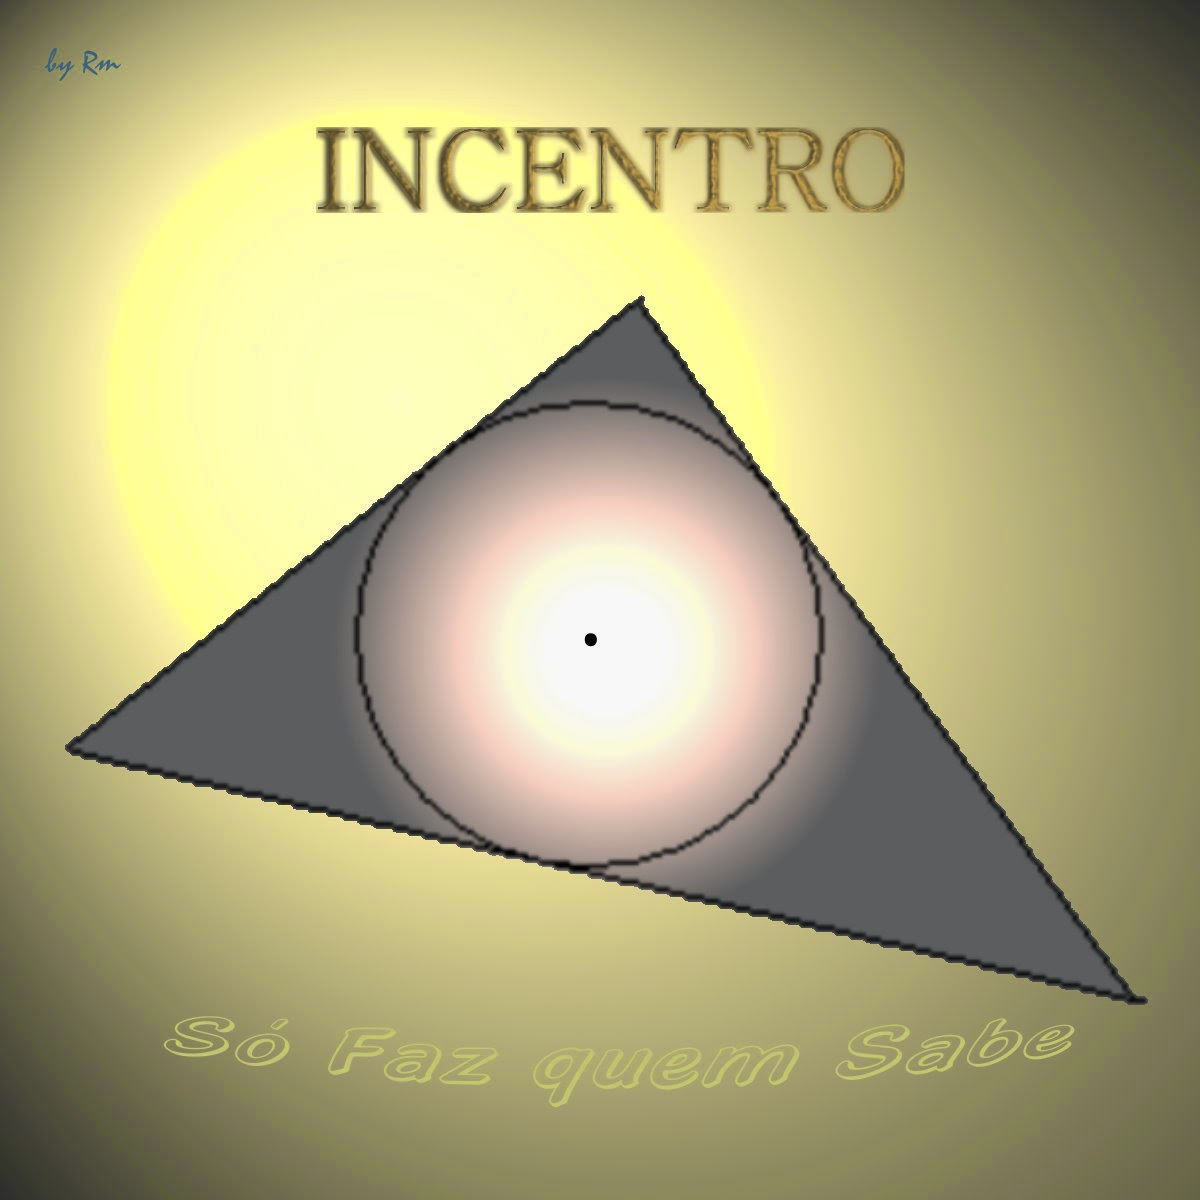 A intersecção das três bissetrizes de um triângulo´é um ponto chamado Incentro, centro da circunferência inscrita no triângulo.